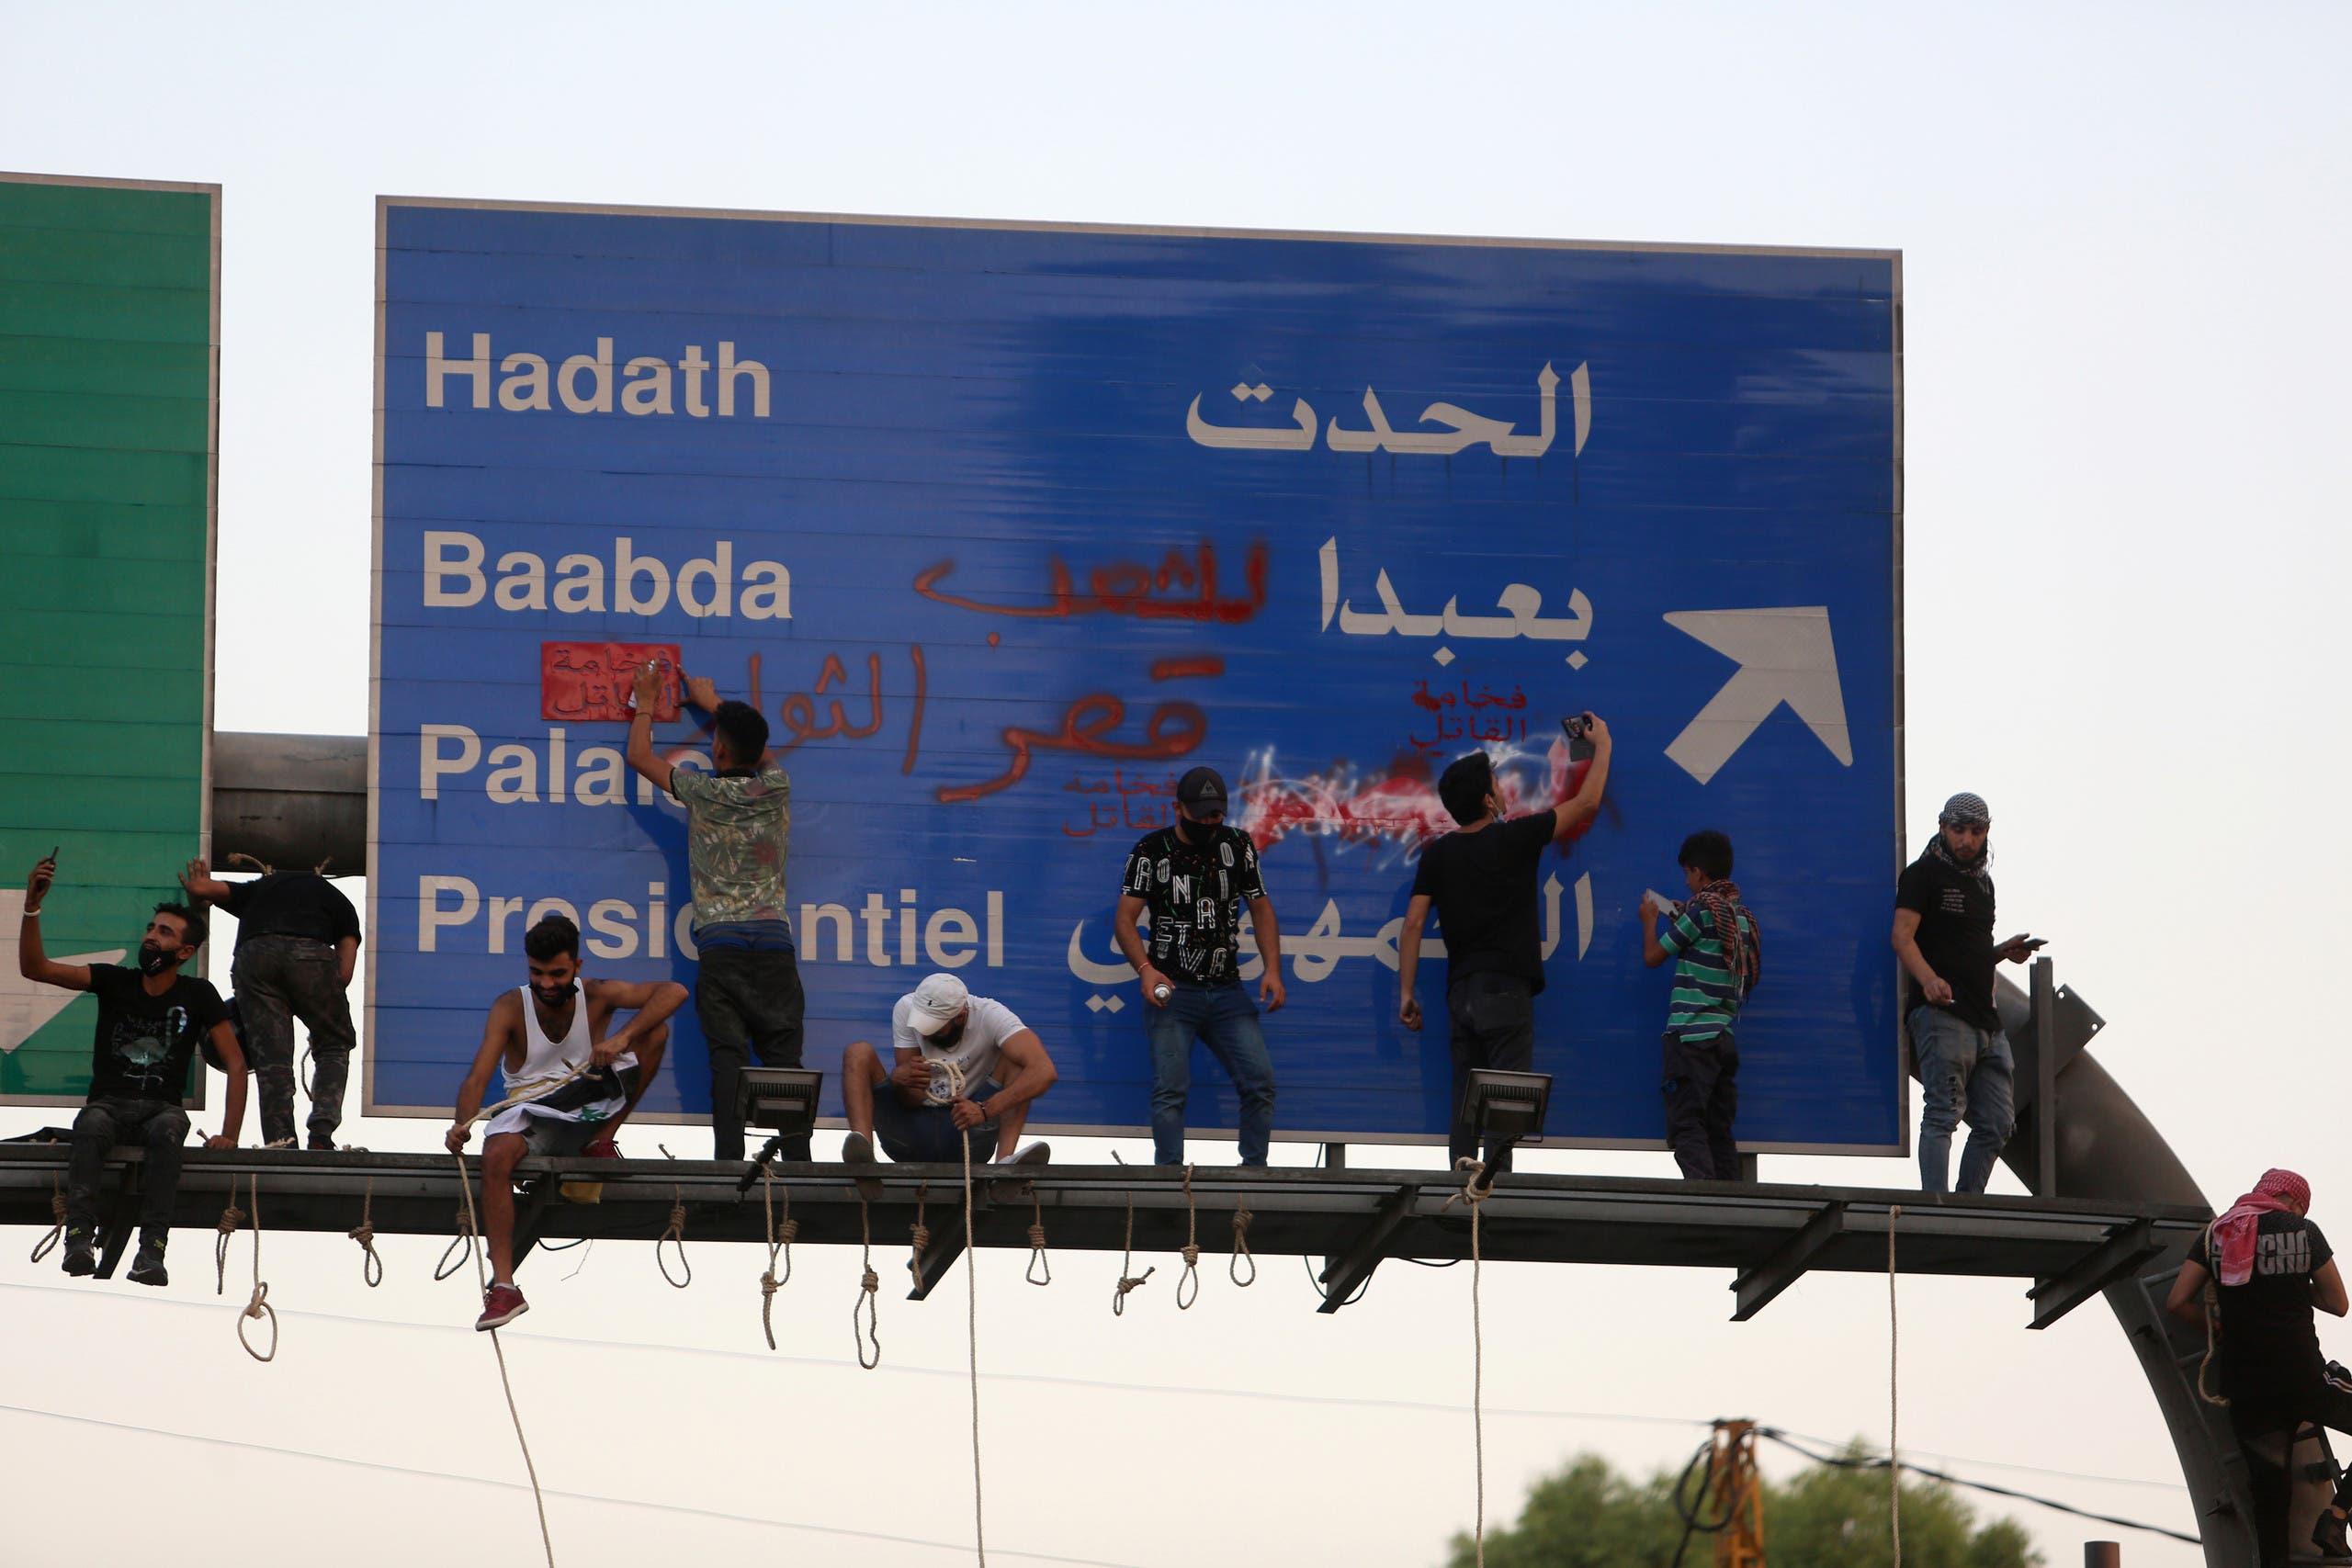 من الاحتجاجات اليوم على طريق قصر بعبدا